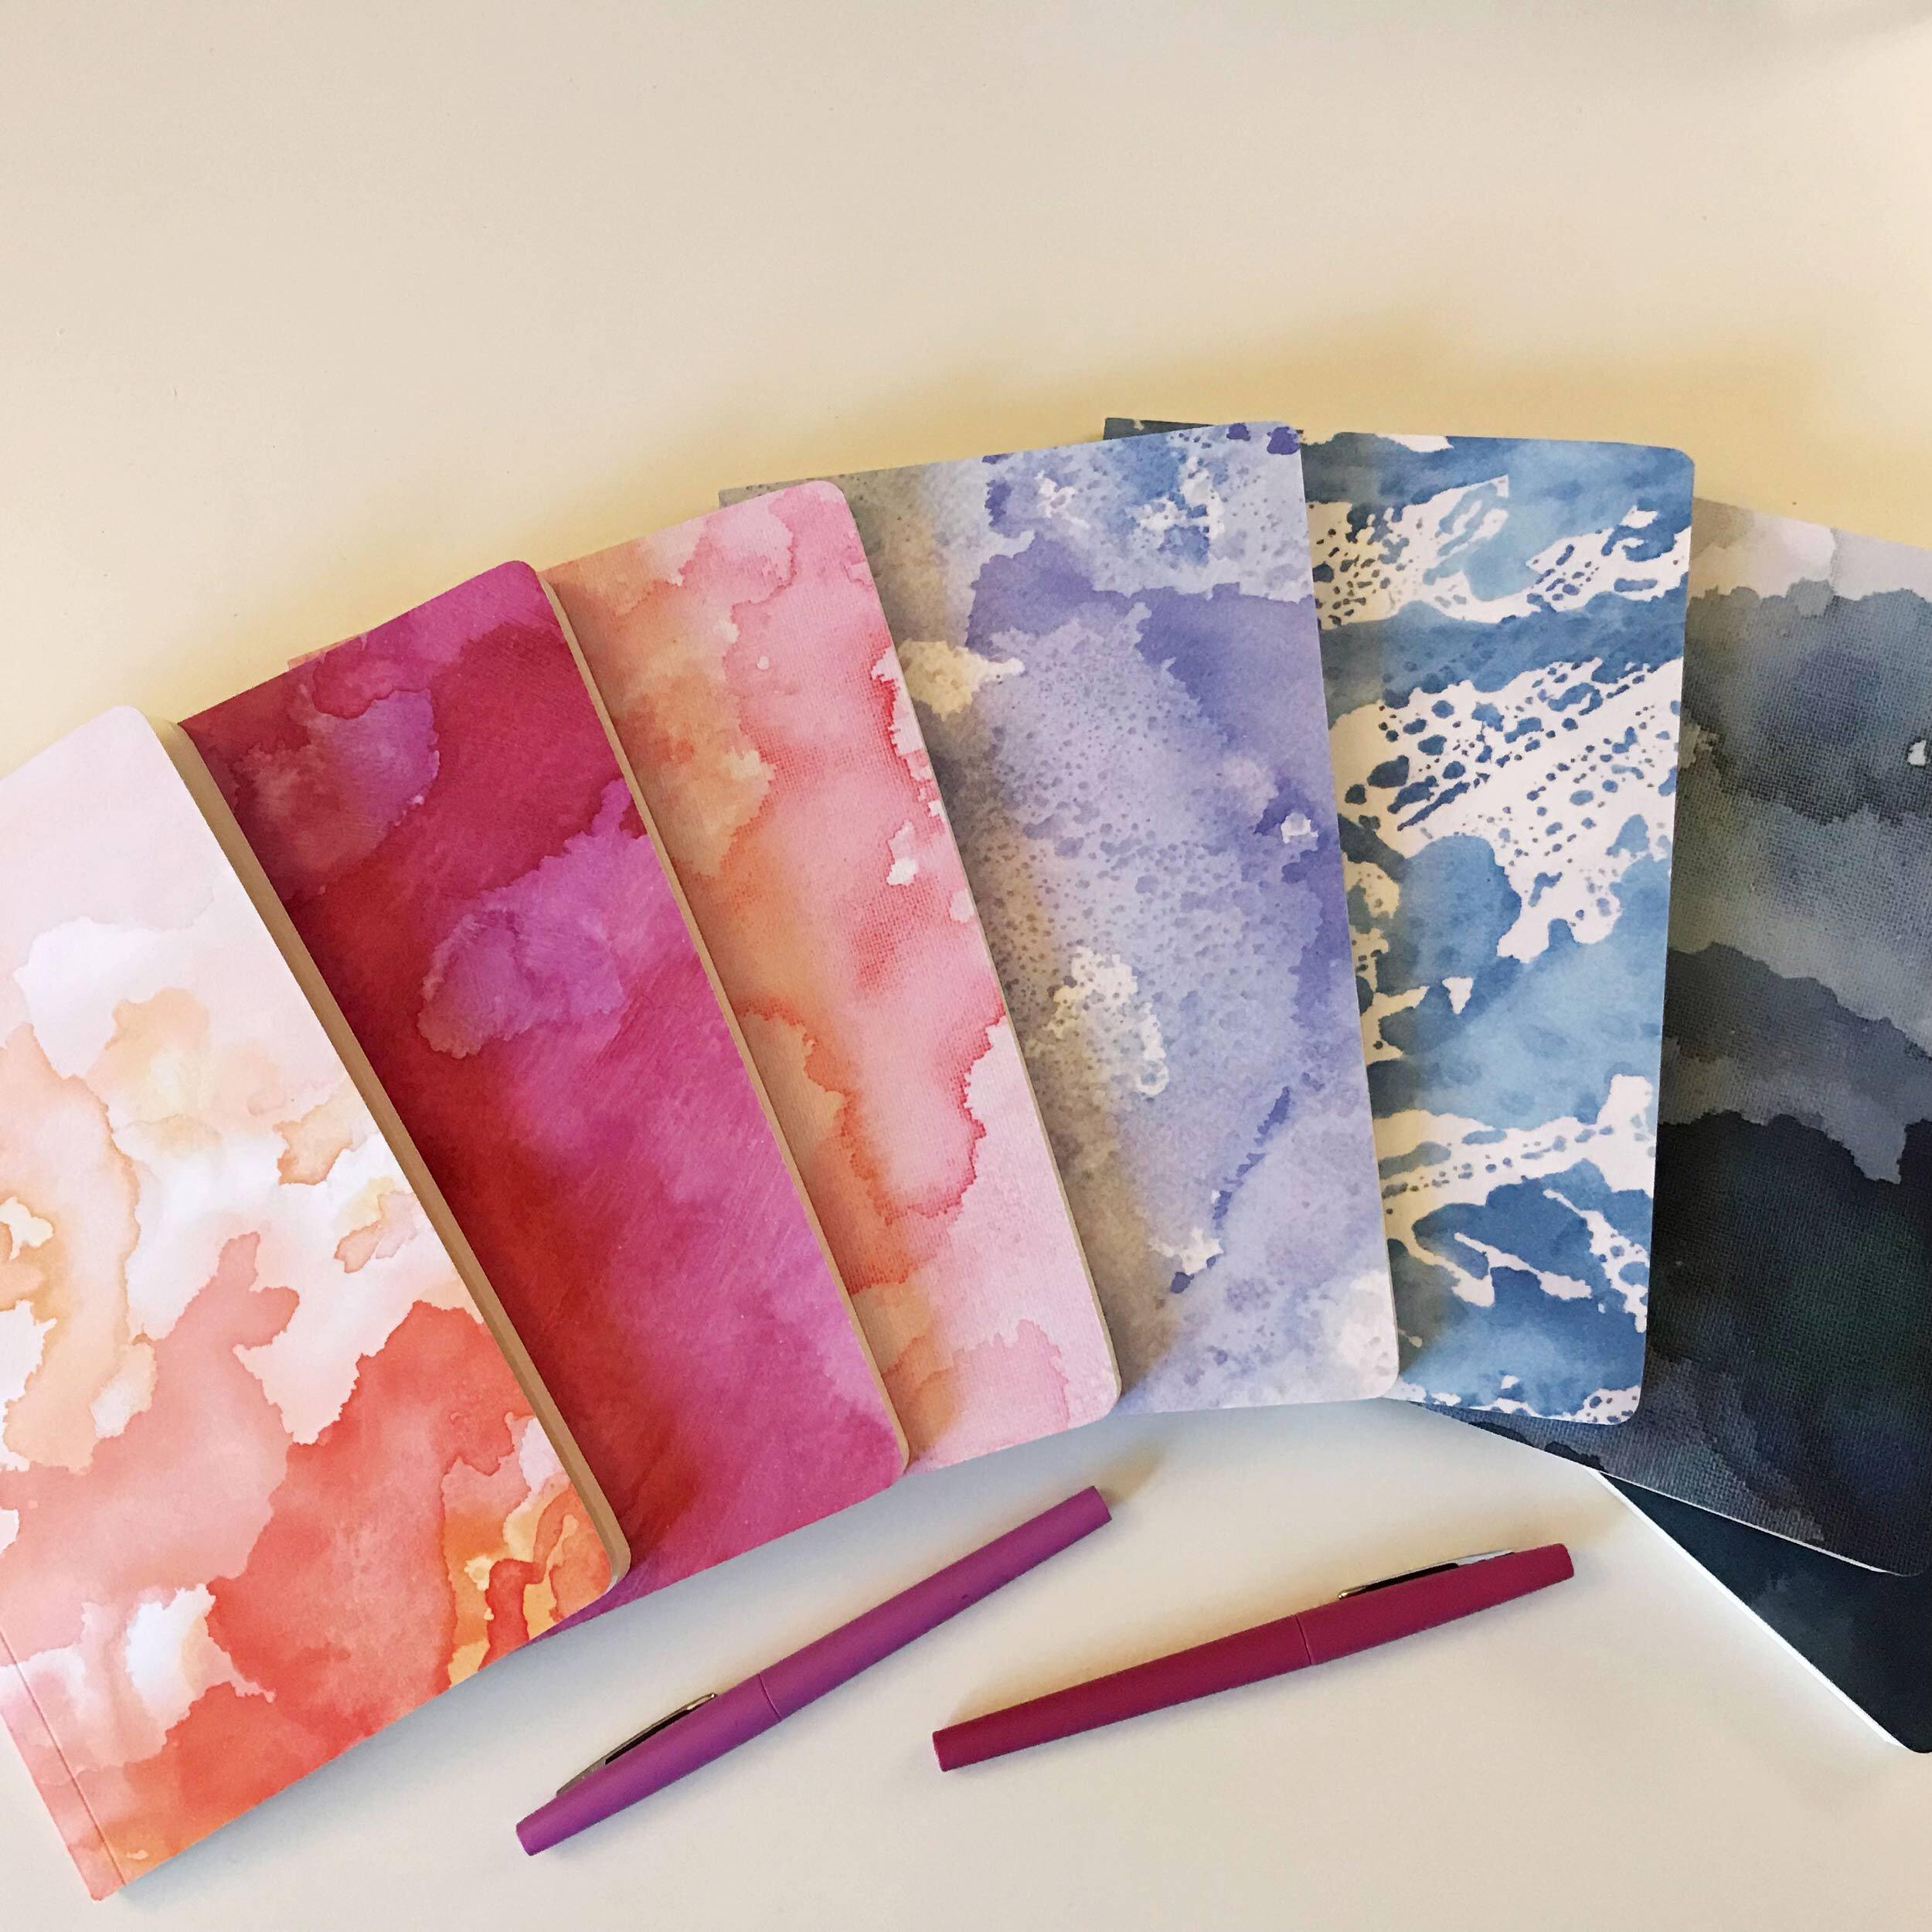 joyfire soft touch journals